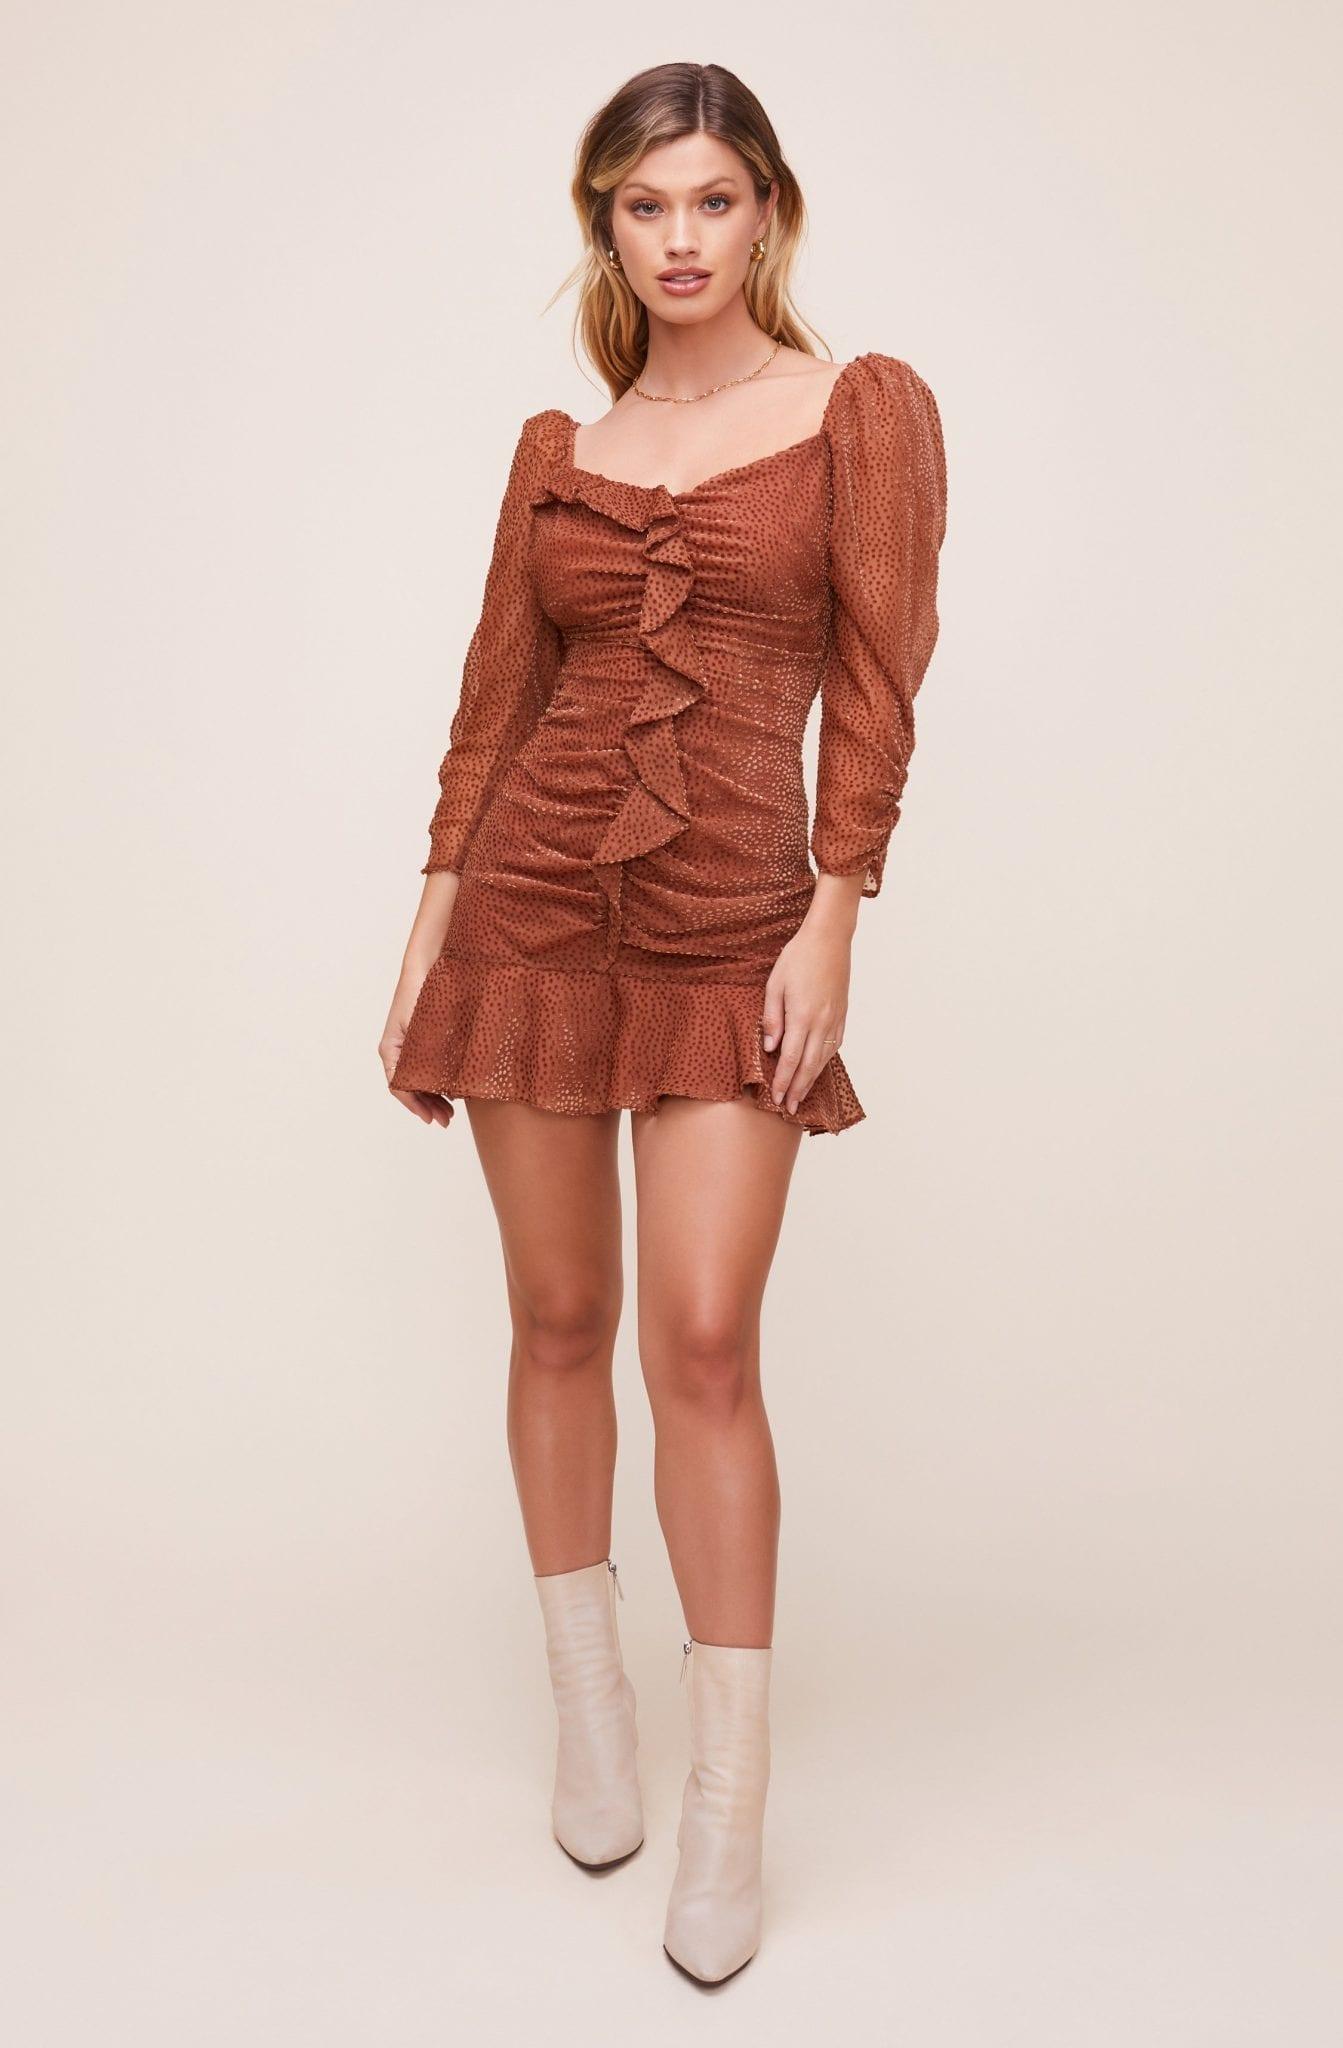 ASTRTHELABEL Sephra Dress